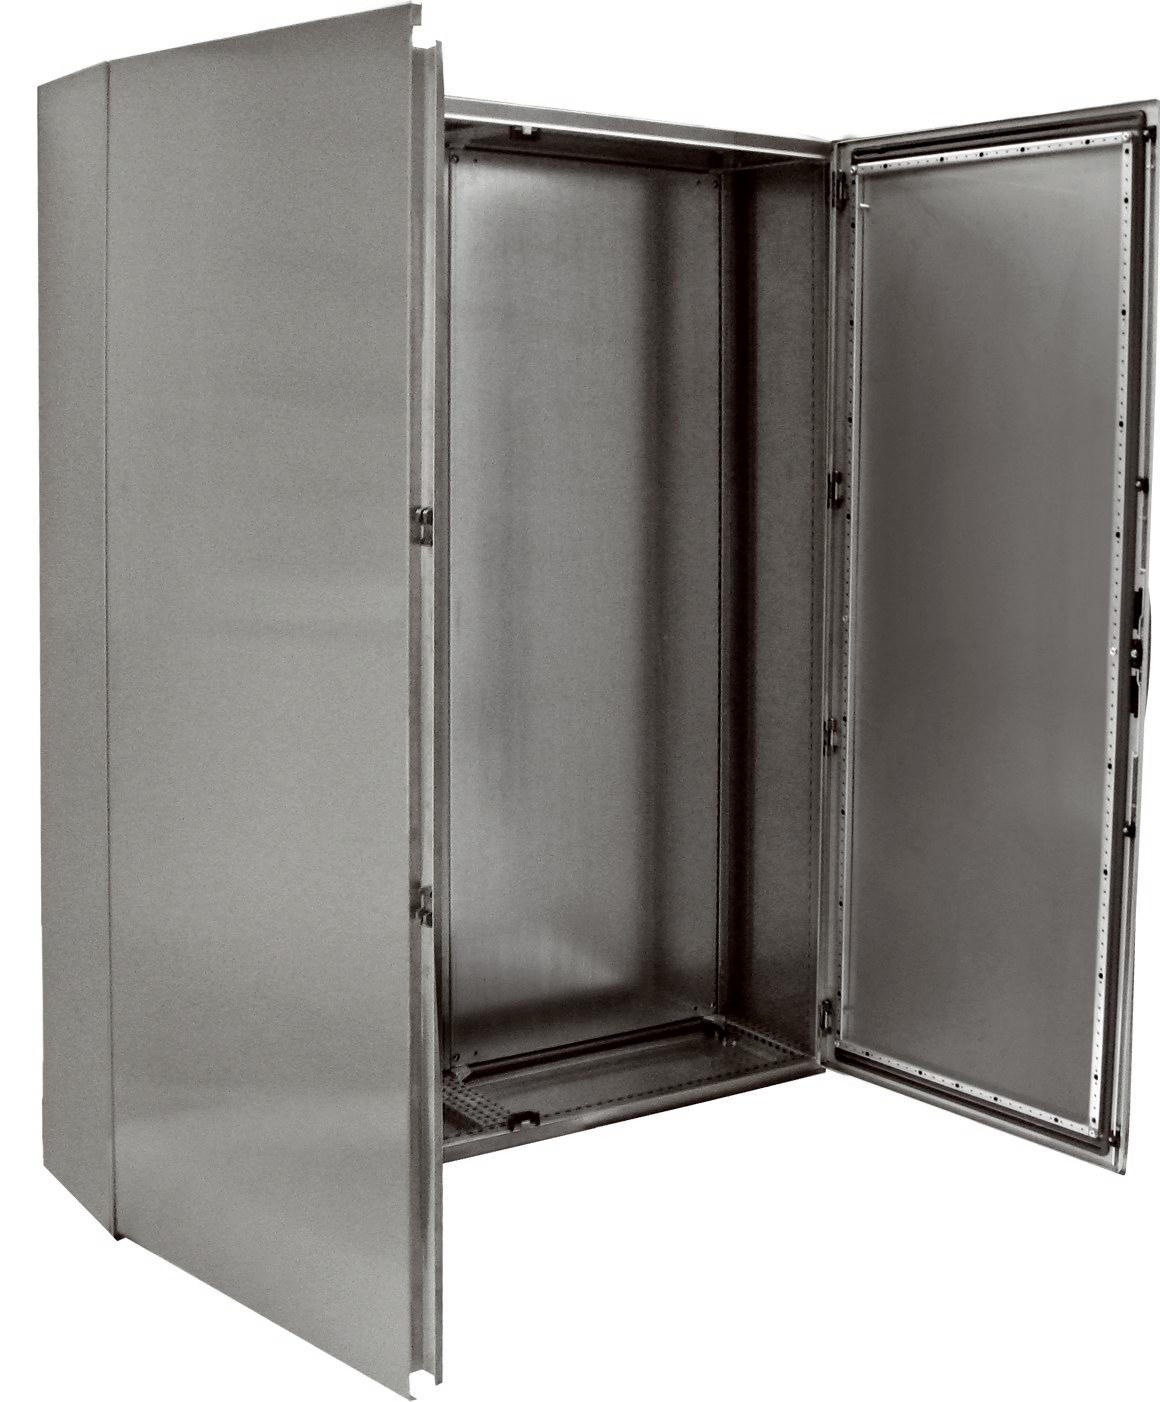 1 Stk Kompaktschrank Edelstahl 2-türig, 2000x1200x400mm, AISI 304L KSR201242-